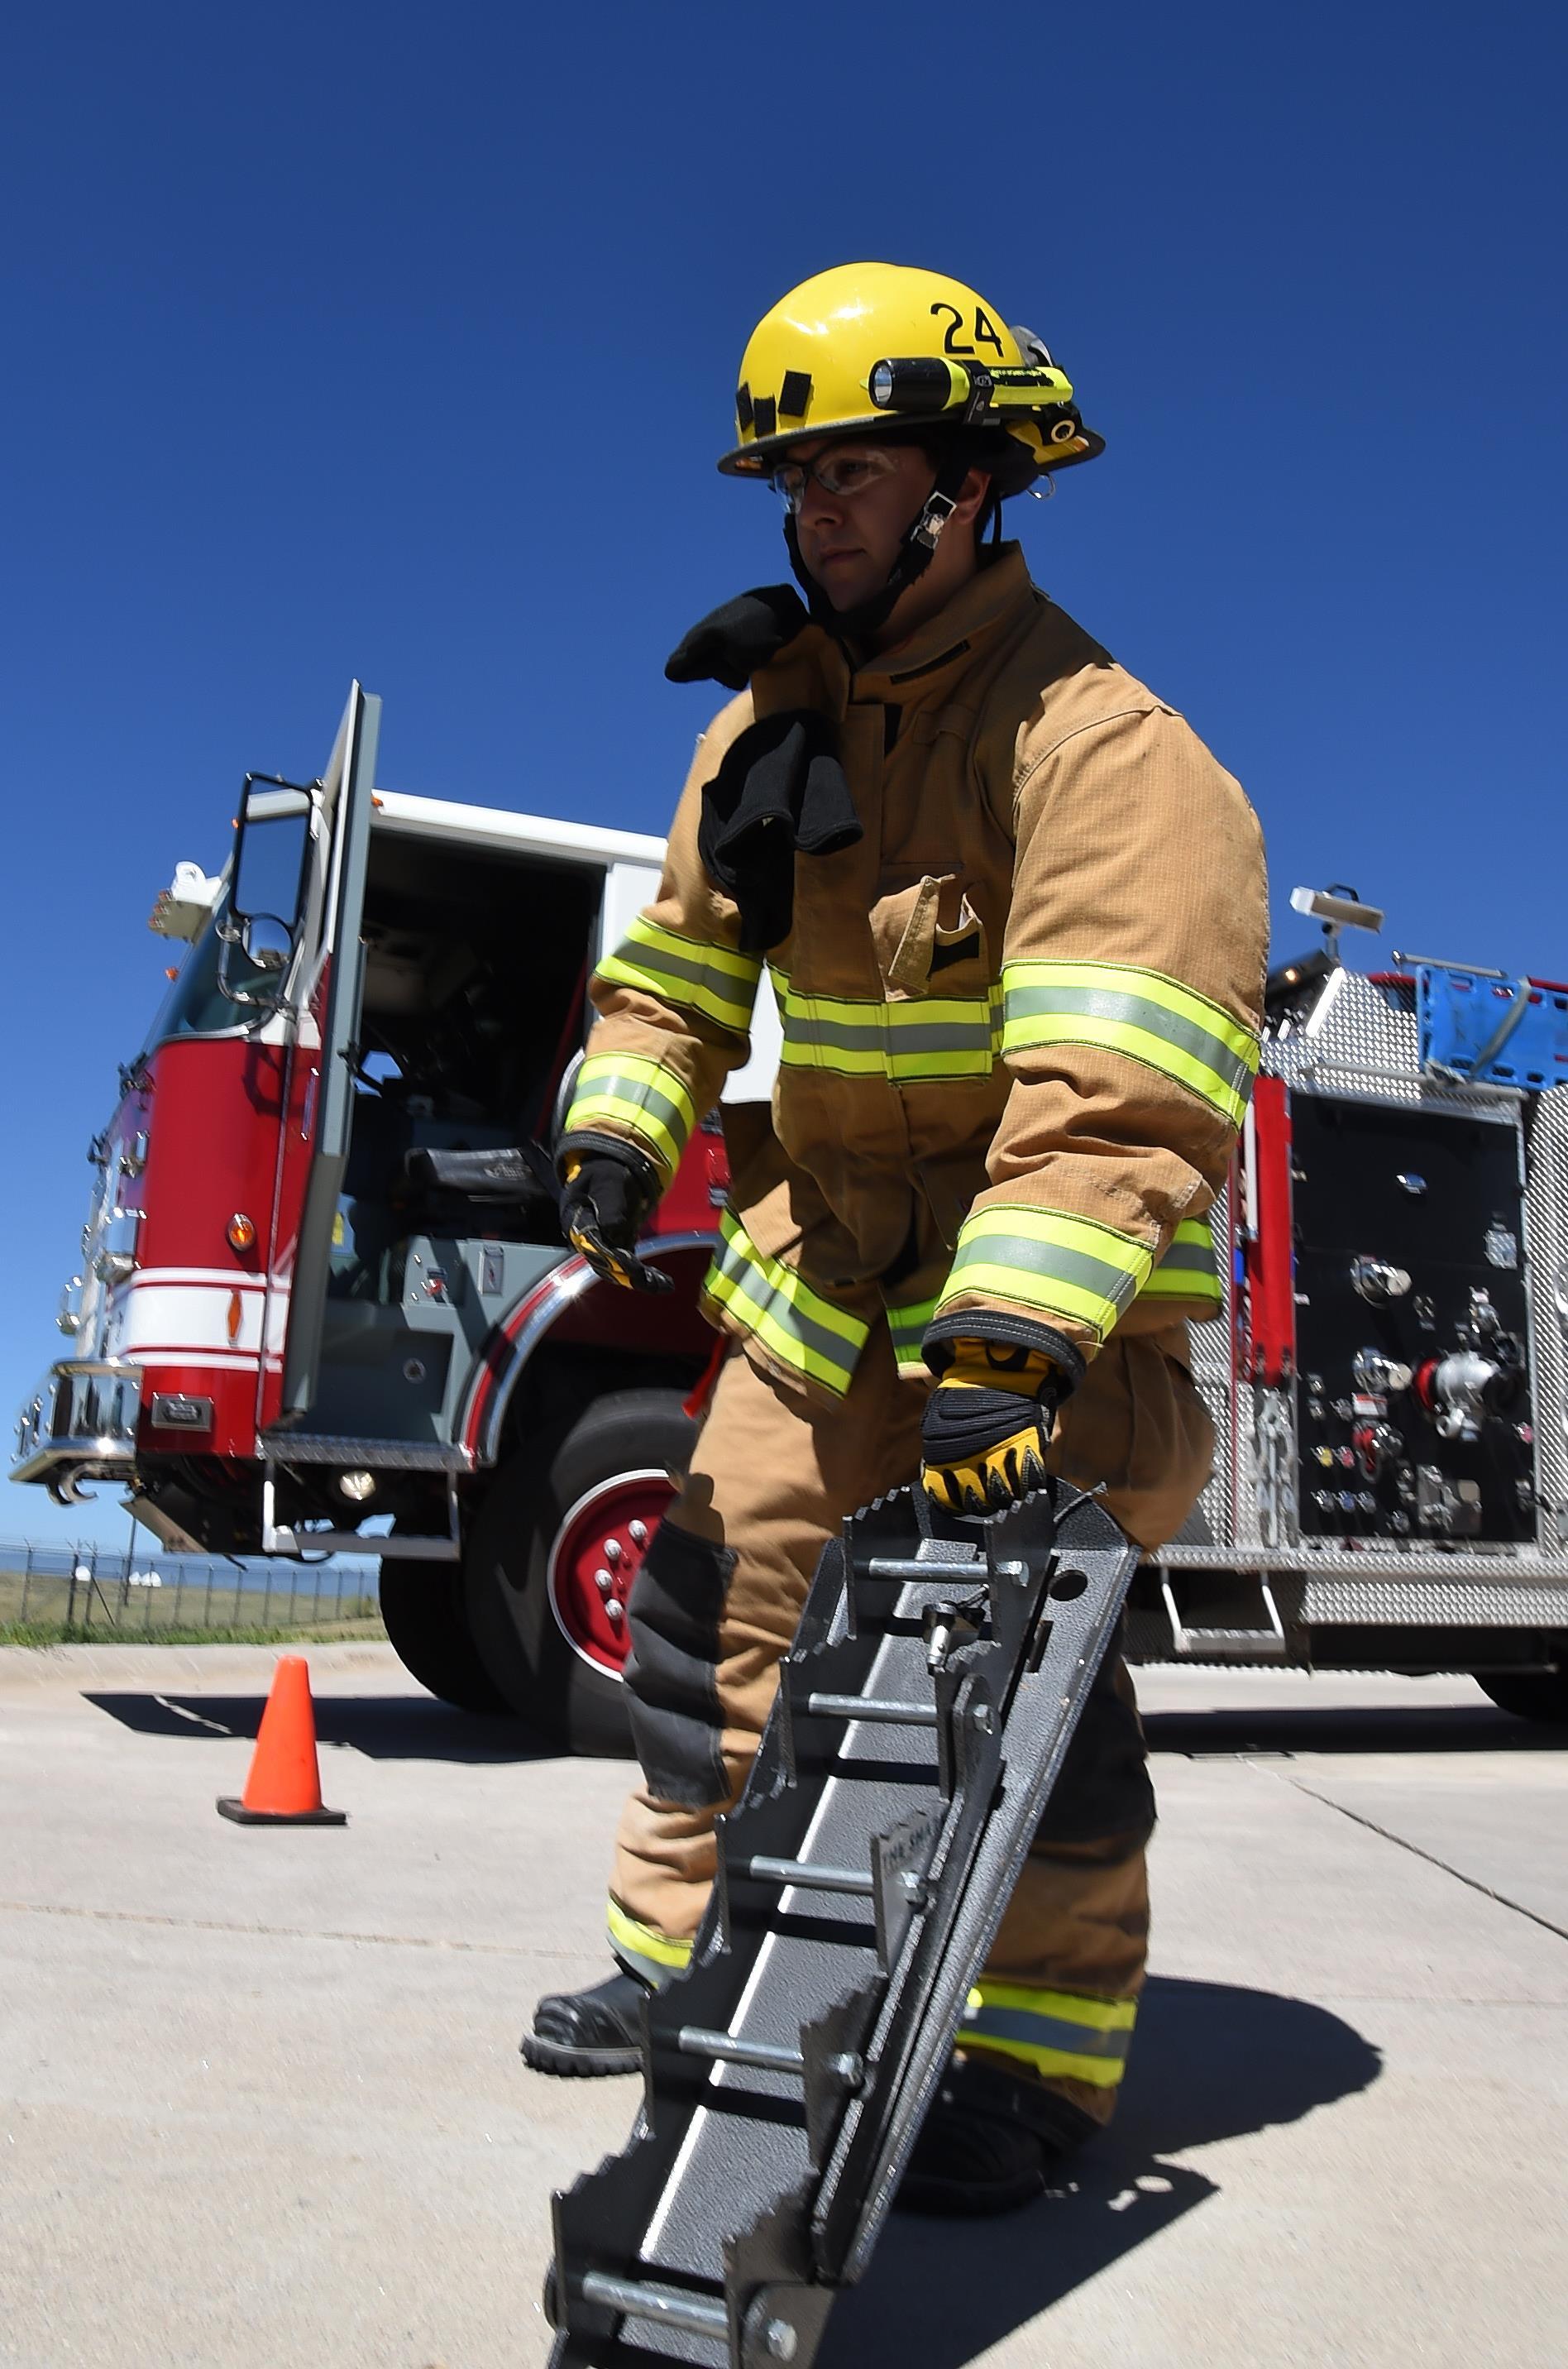 Fire Department Organizational Chart: 50 CES: Fire Department keeping fires at bay e Schriever Air Force ,Chart